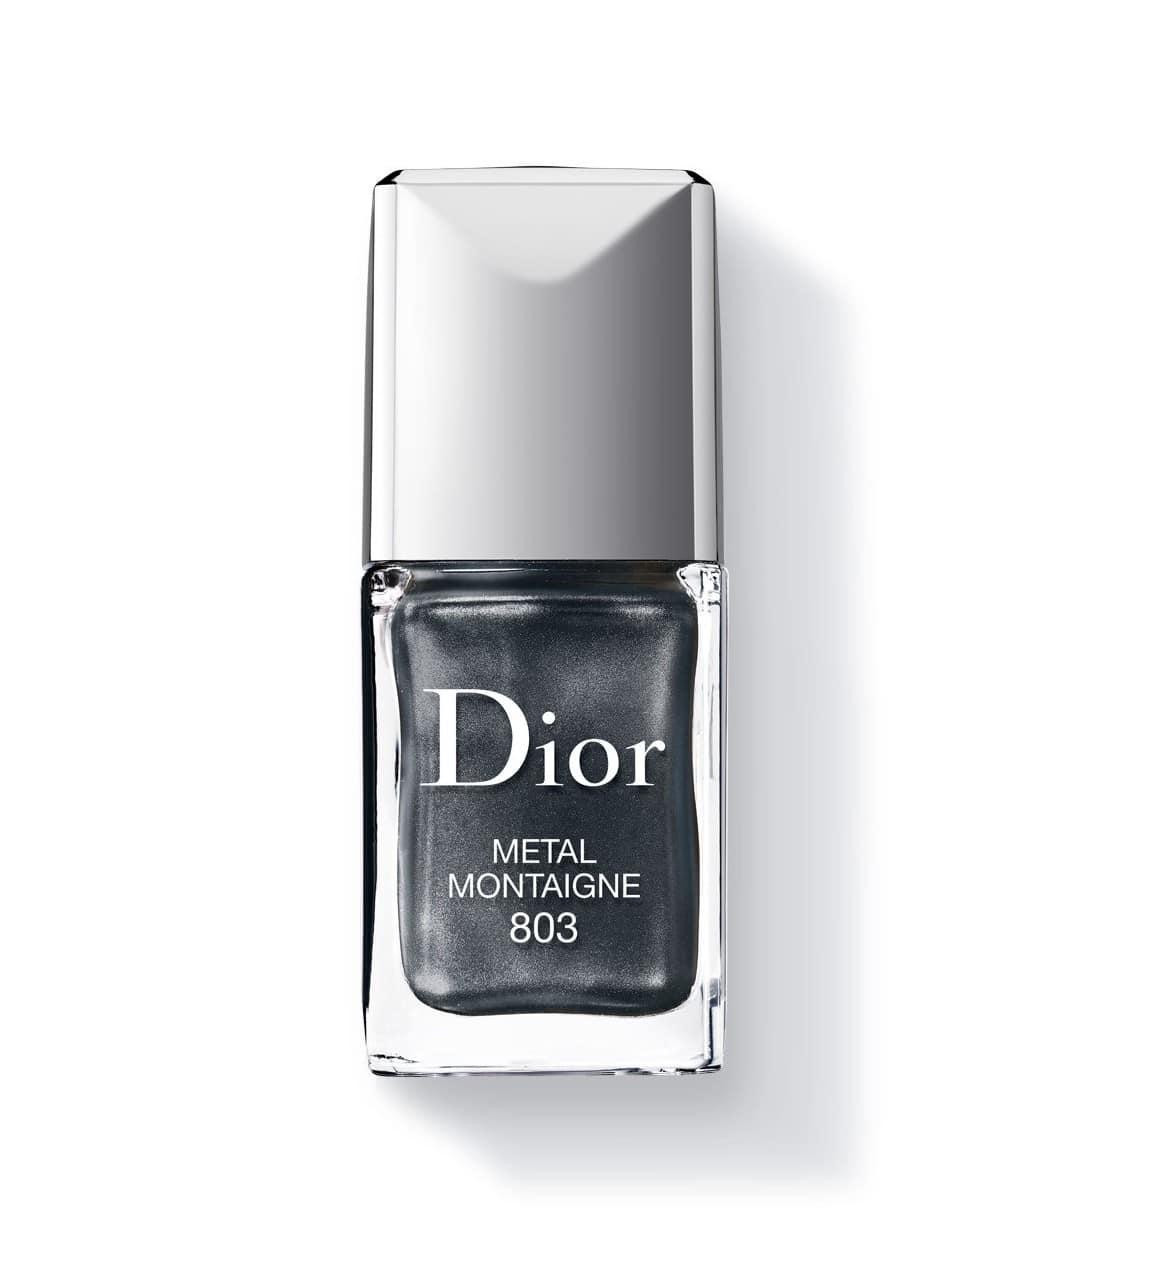 Smalto Dior, tonalità 803 Métal Montaigne